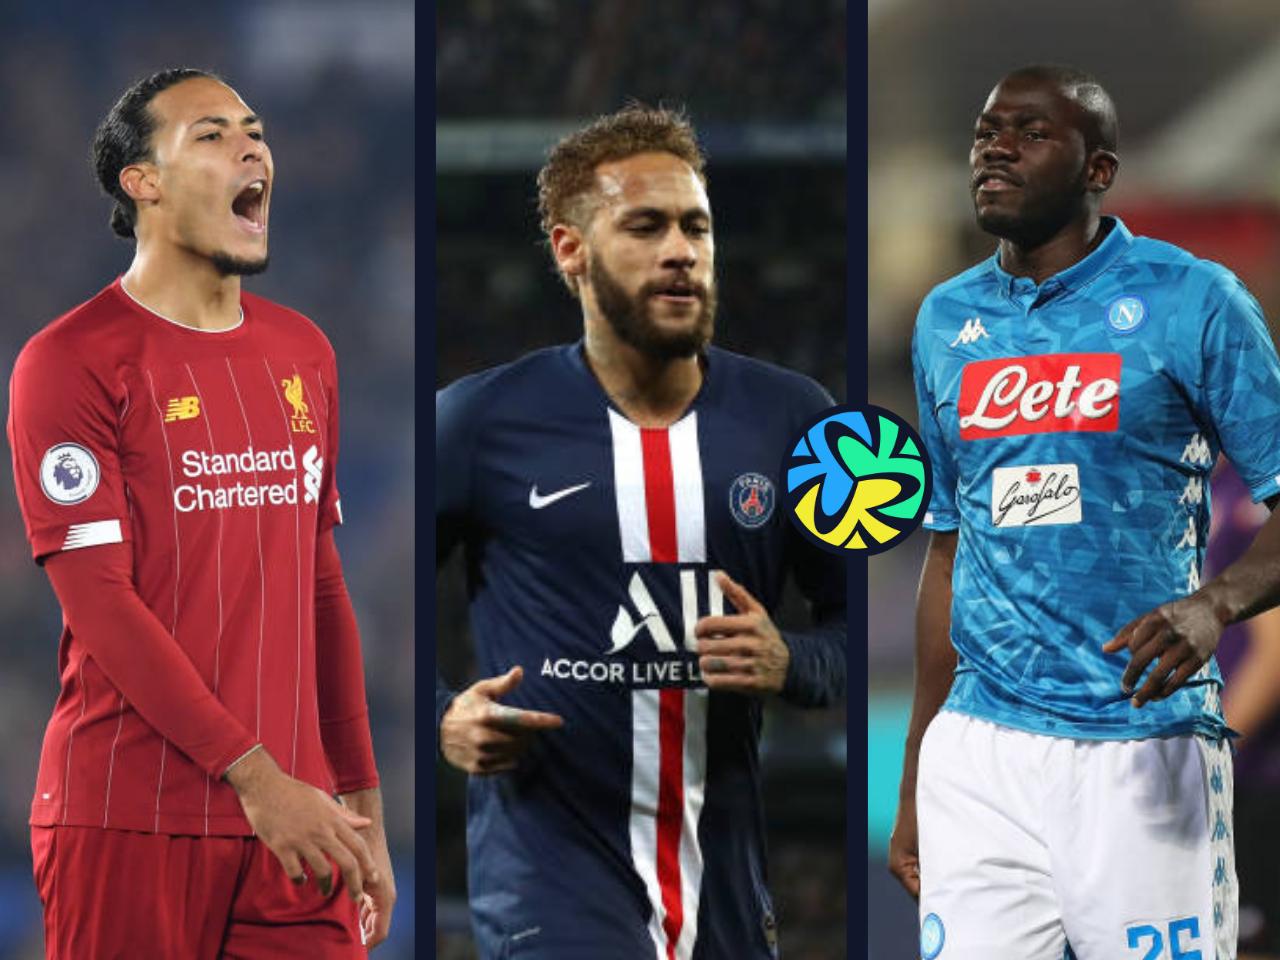 Sunday's transfer rumors – Juve plan huge Van Dijk bid - ronaldo.com